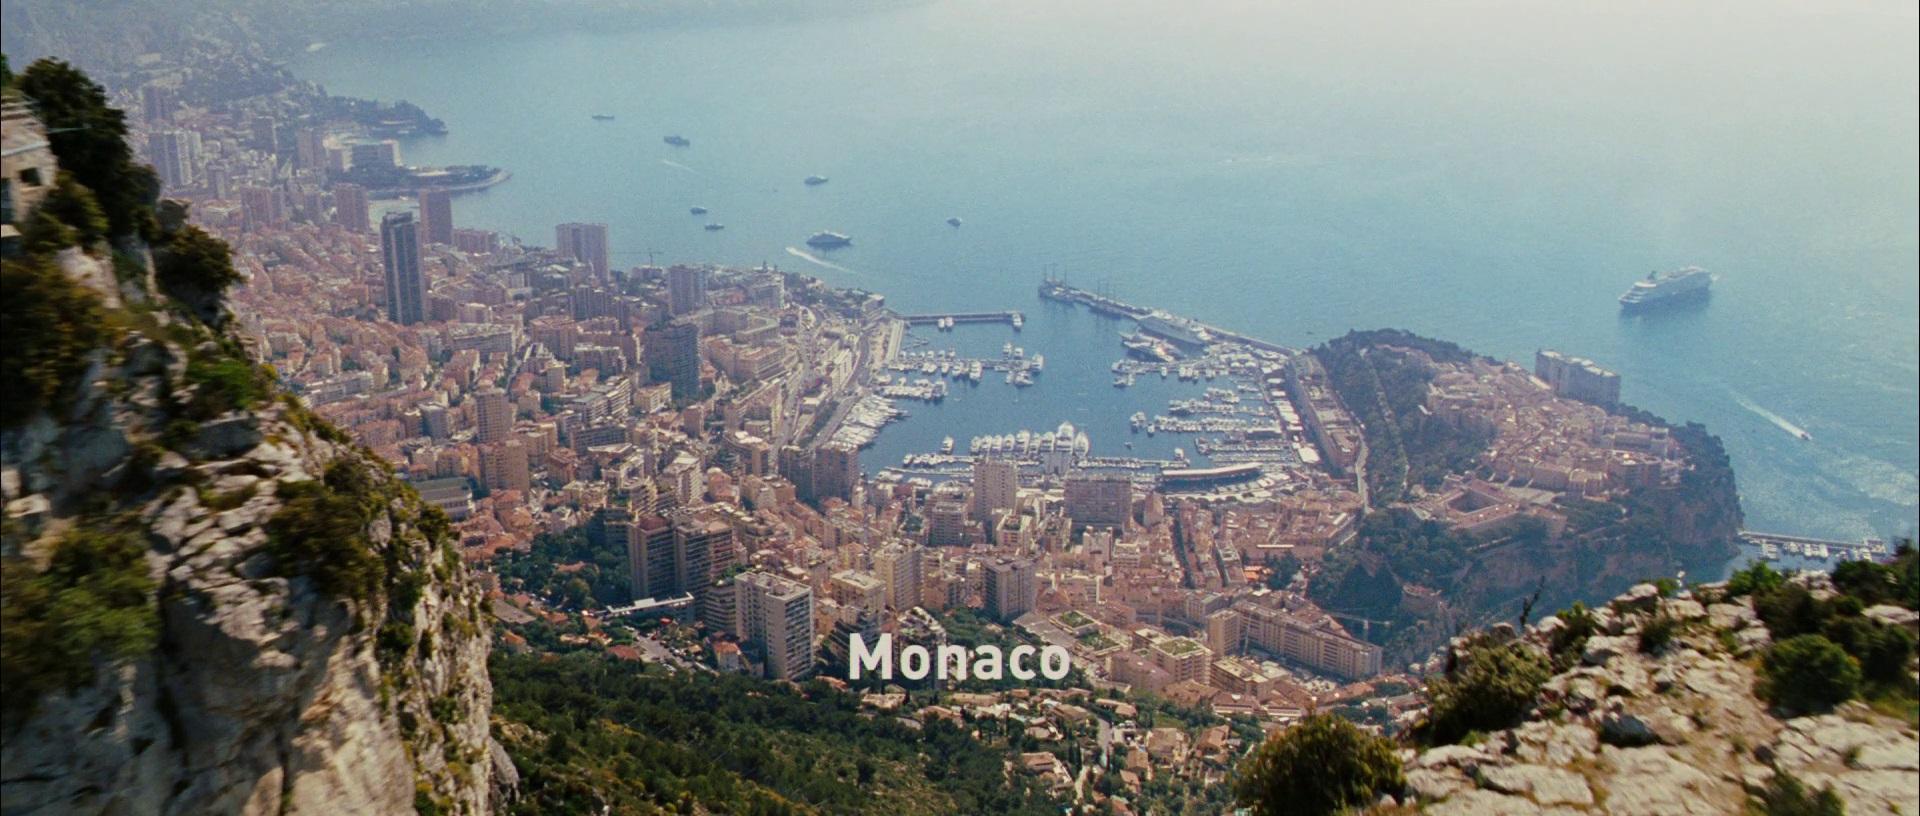 File:Monaco.jpg